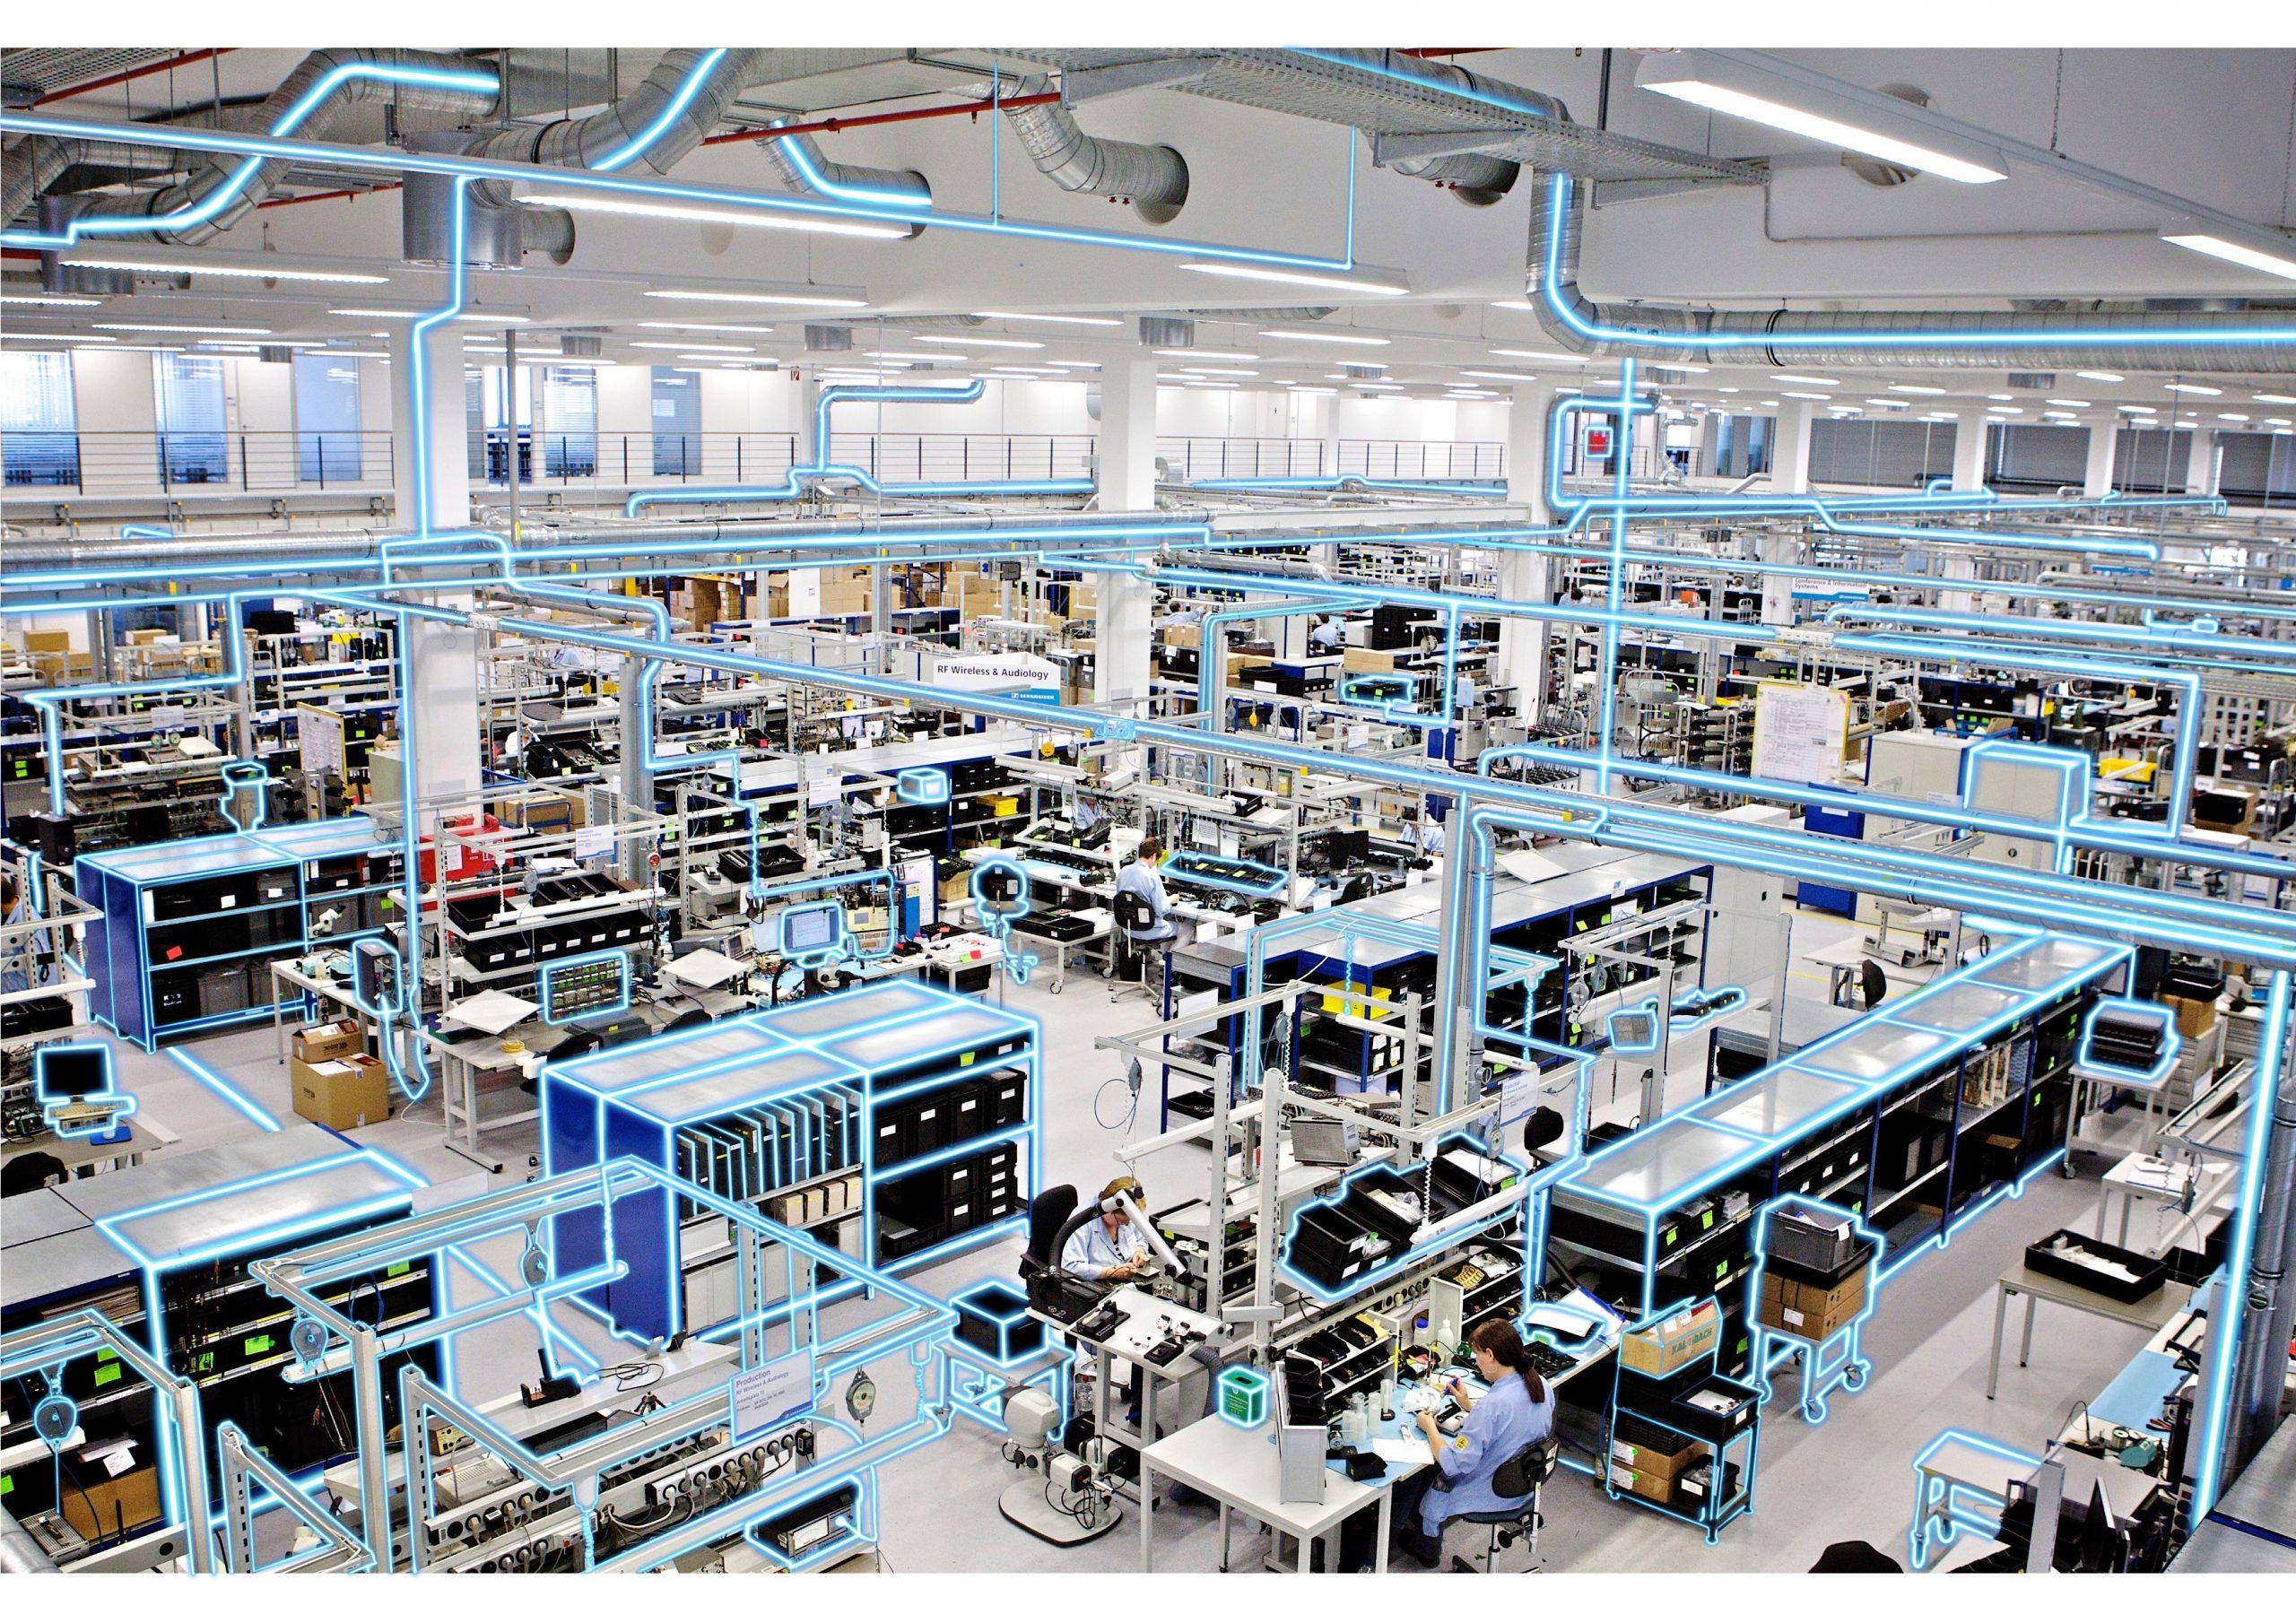 (Bild: Institut für Fertigungstechnik und Werkzeugmaschinen)